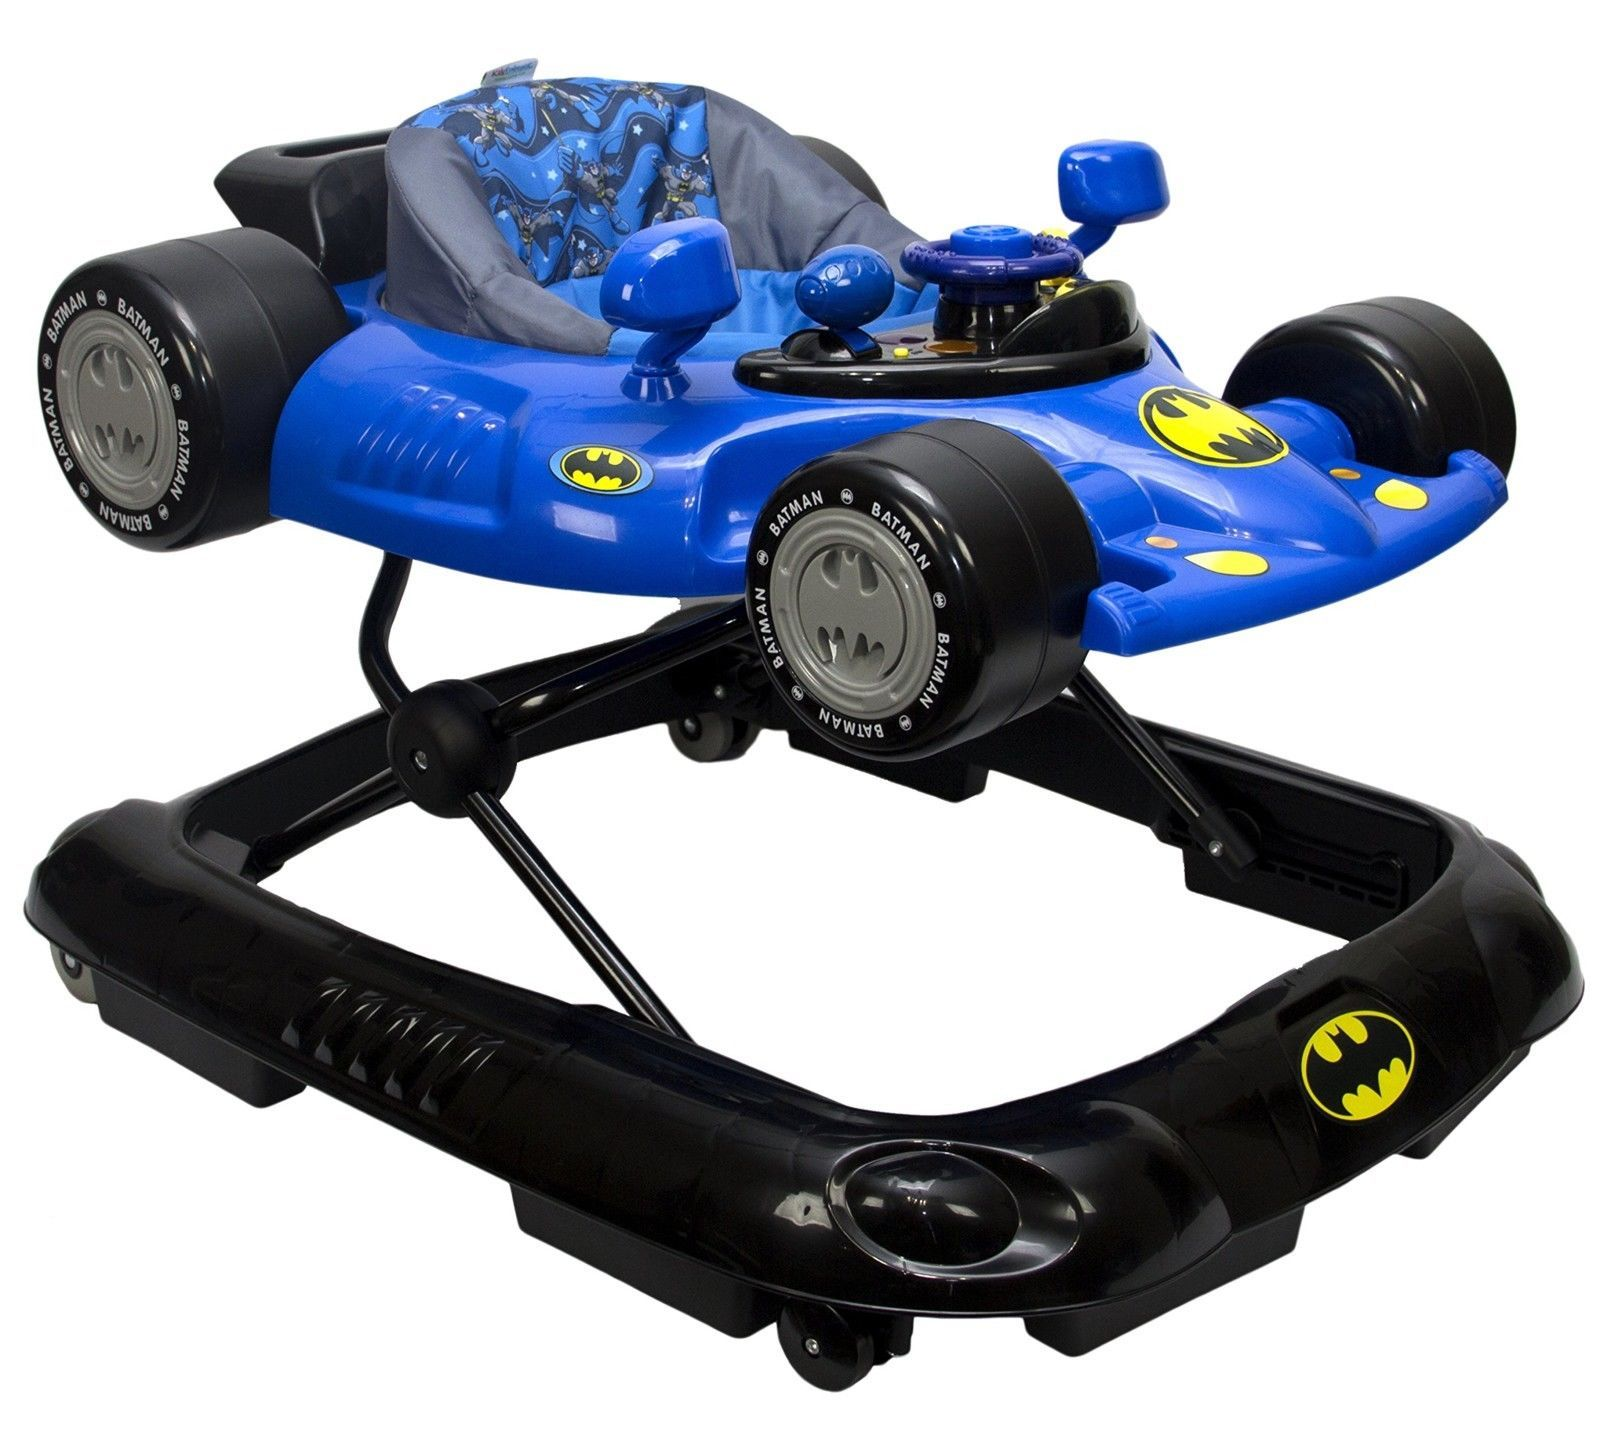 Baby Walker Safety Jumper Bouncer 1st Steps Walk Infant Toddler Batman Car Toy